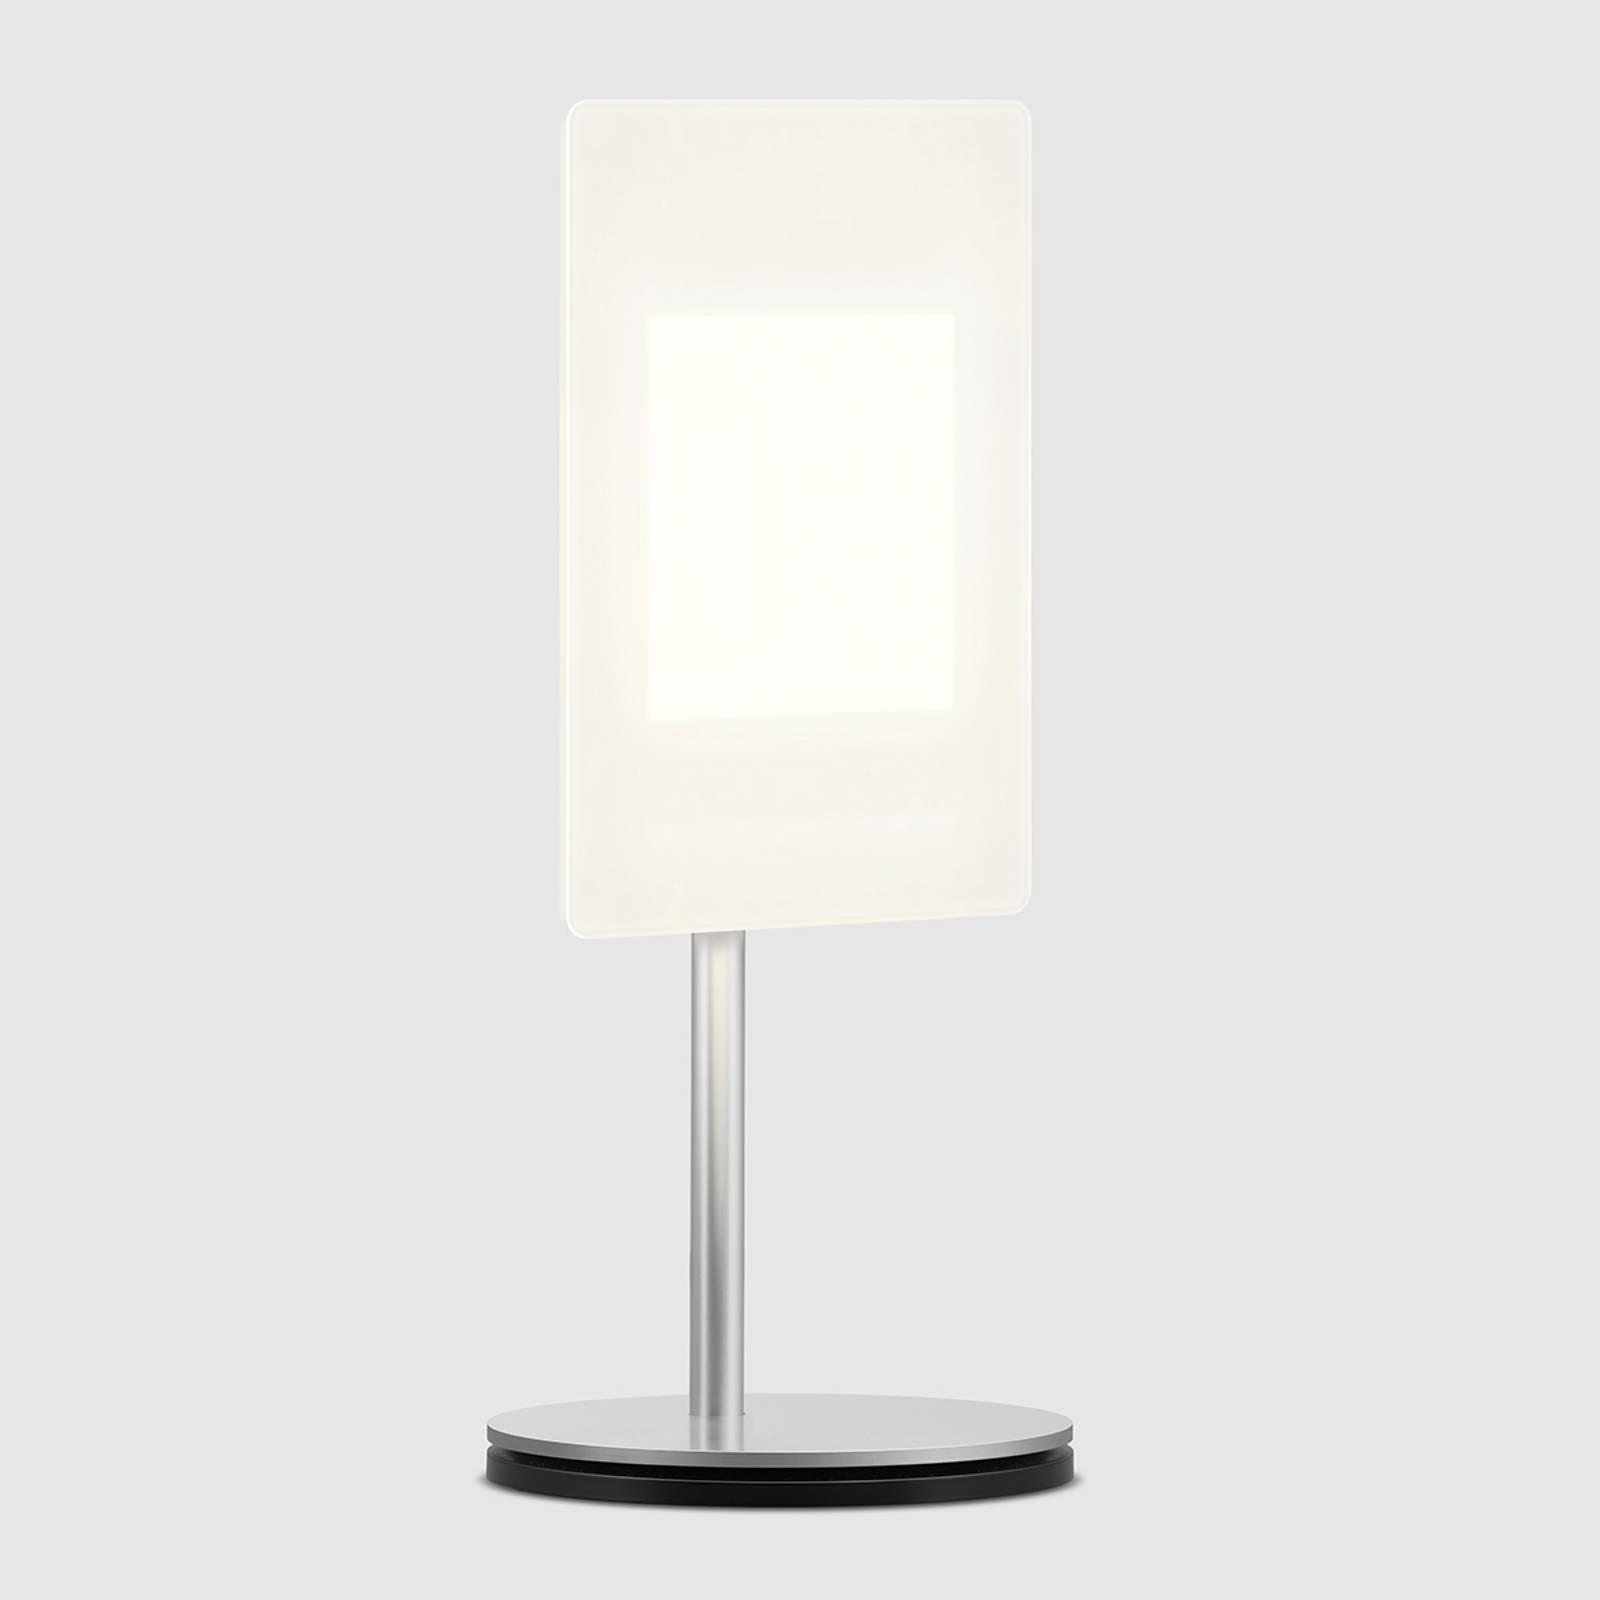 OLED tafellamp OMLED One t1 met OLEDs, zwart